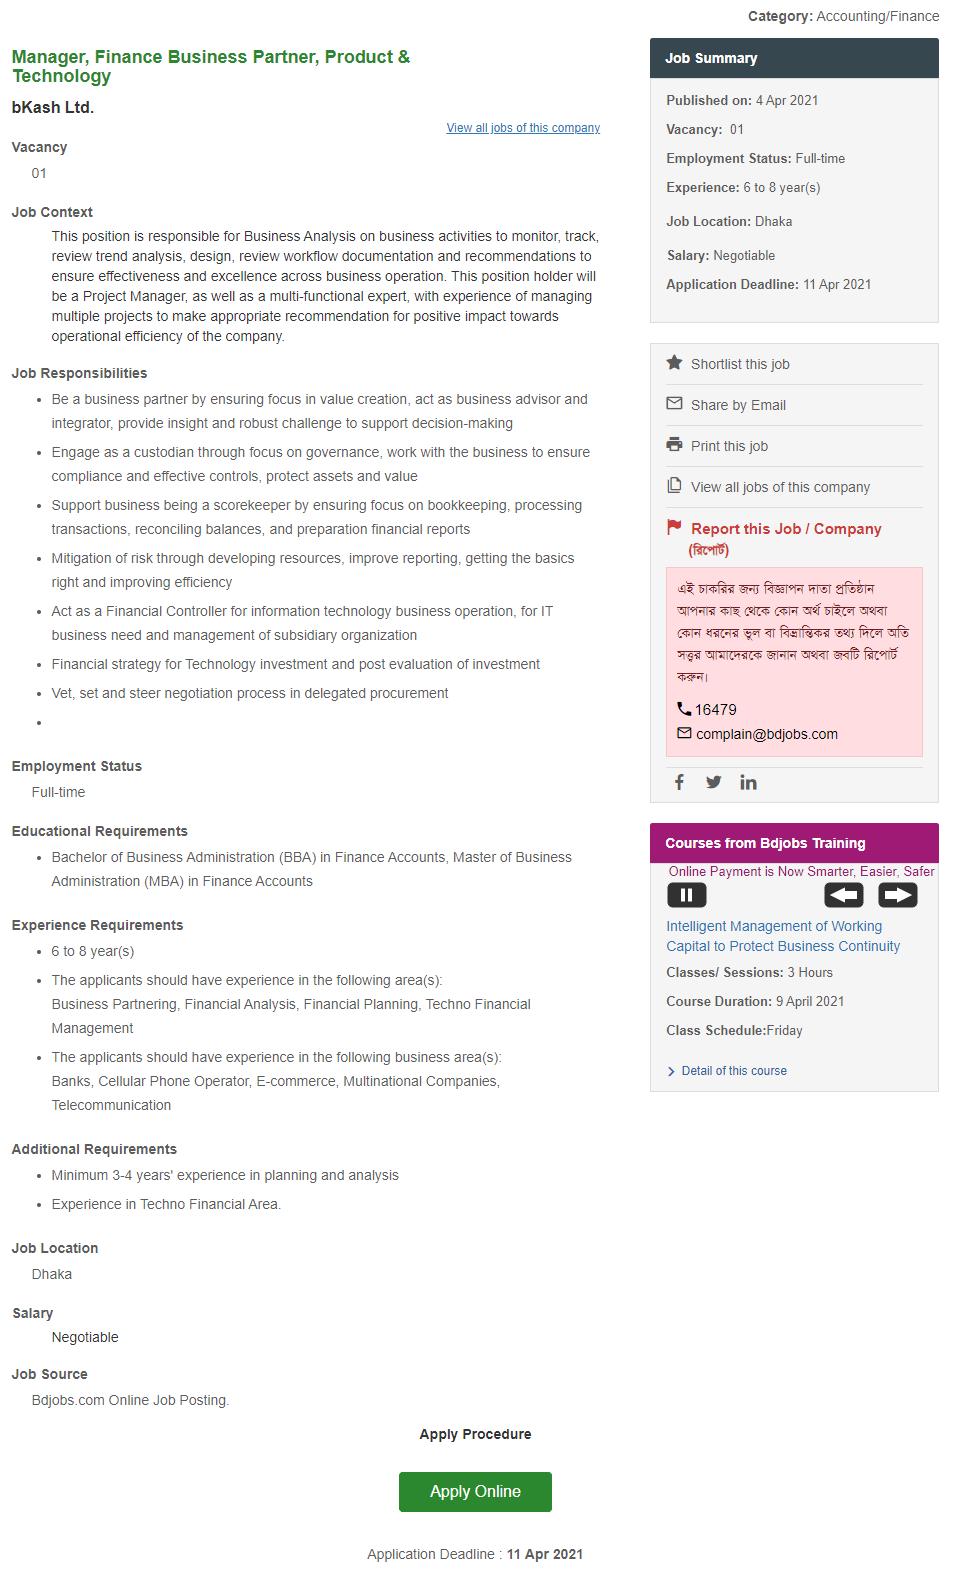 Bkash Ltd job circular